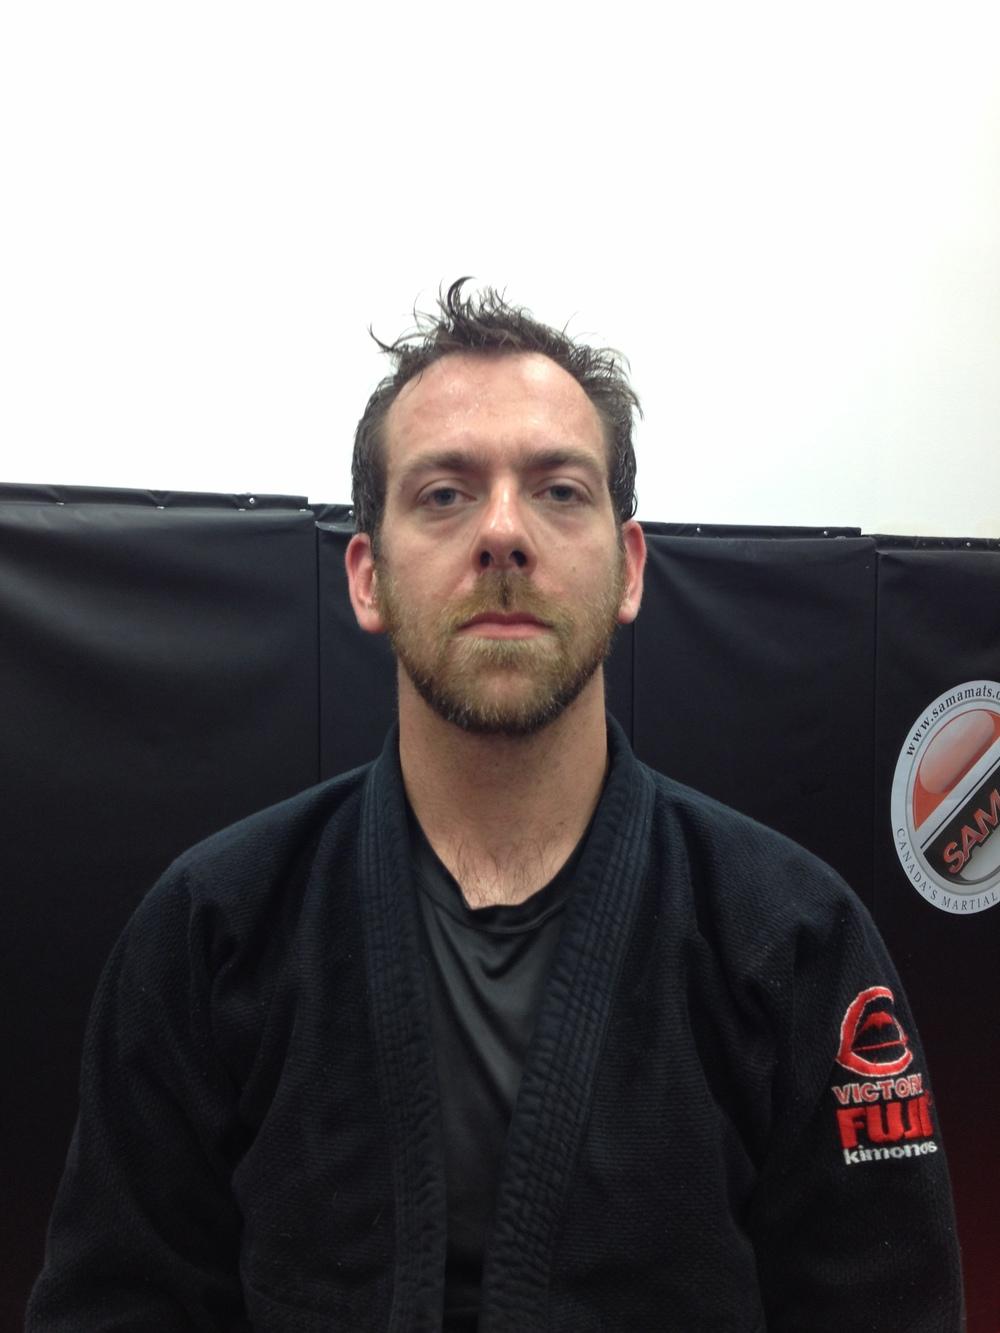 Jean-Francois, membre Sampa jiu-jitsu